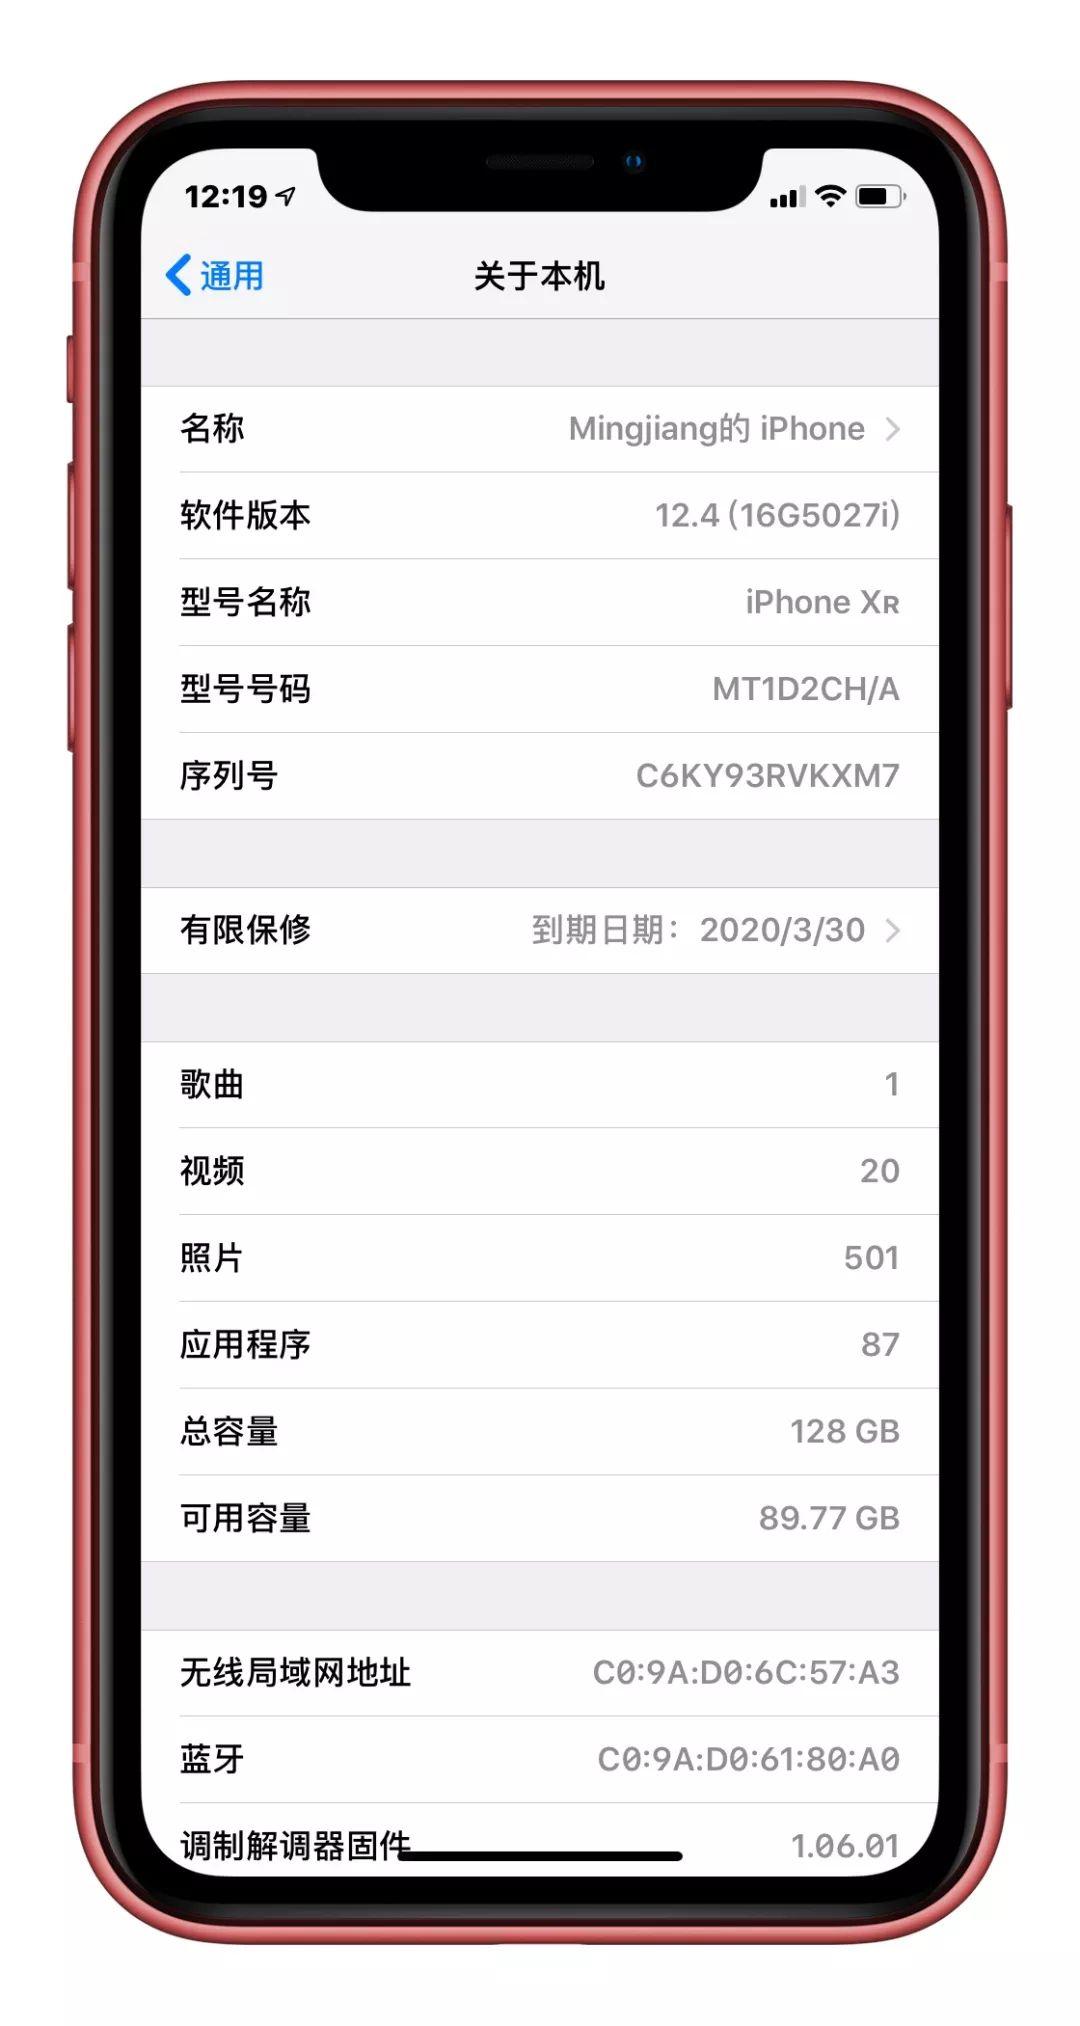 iOS12.4beta 2体验:顺带聊聊iOS开发者测试版、公测版和正式版系统的区别